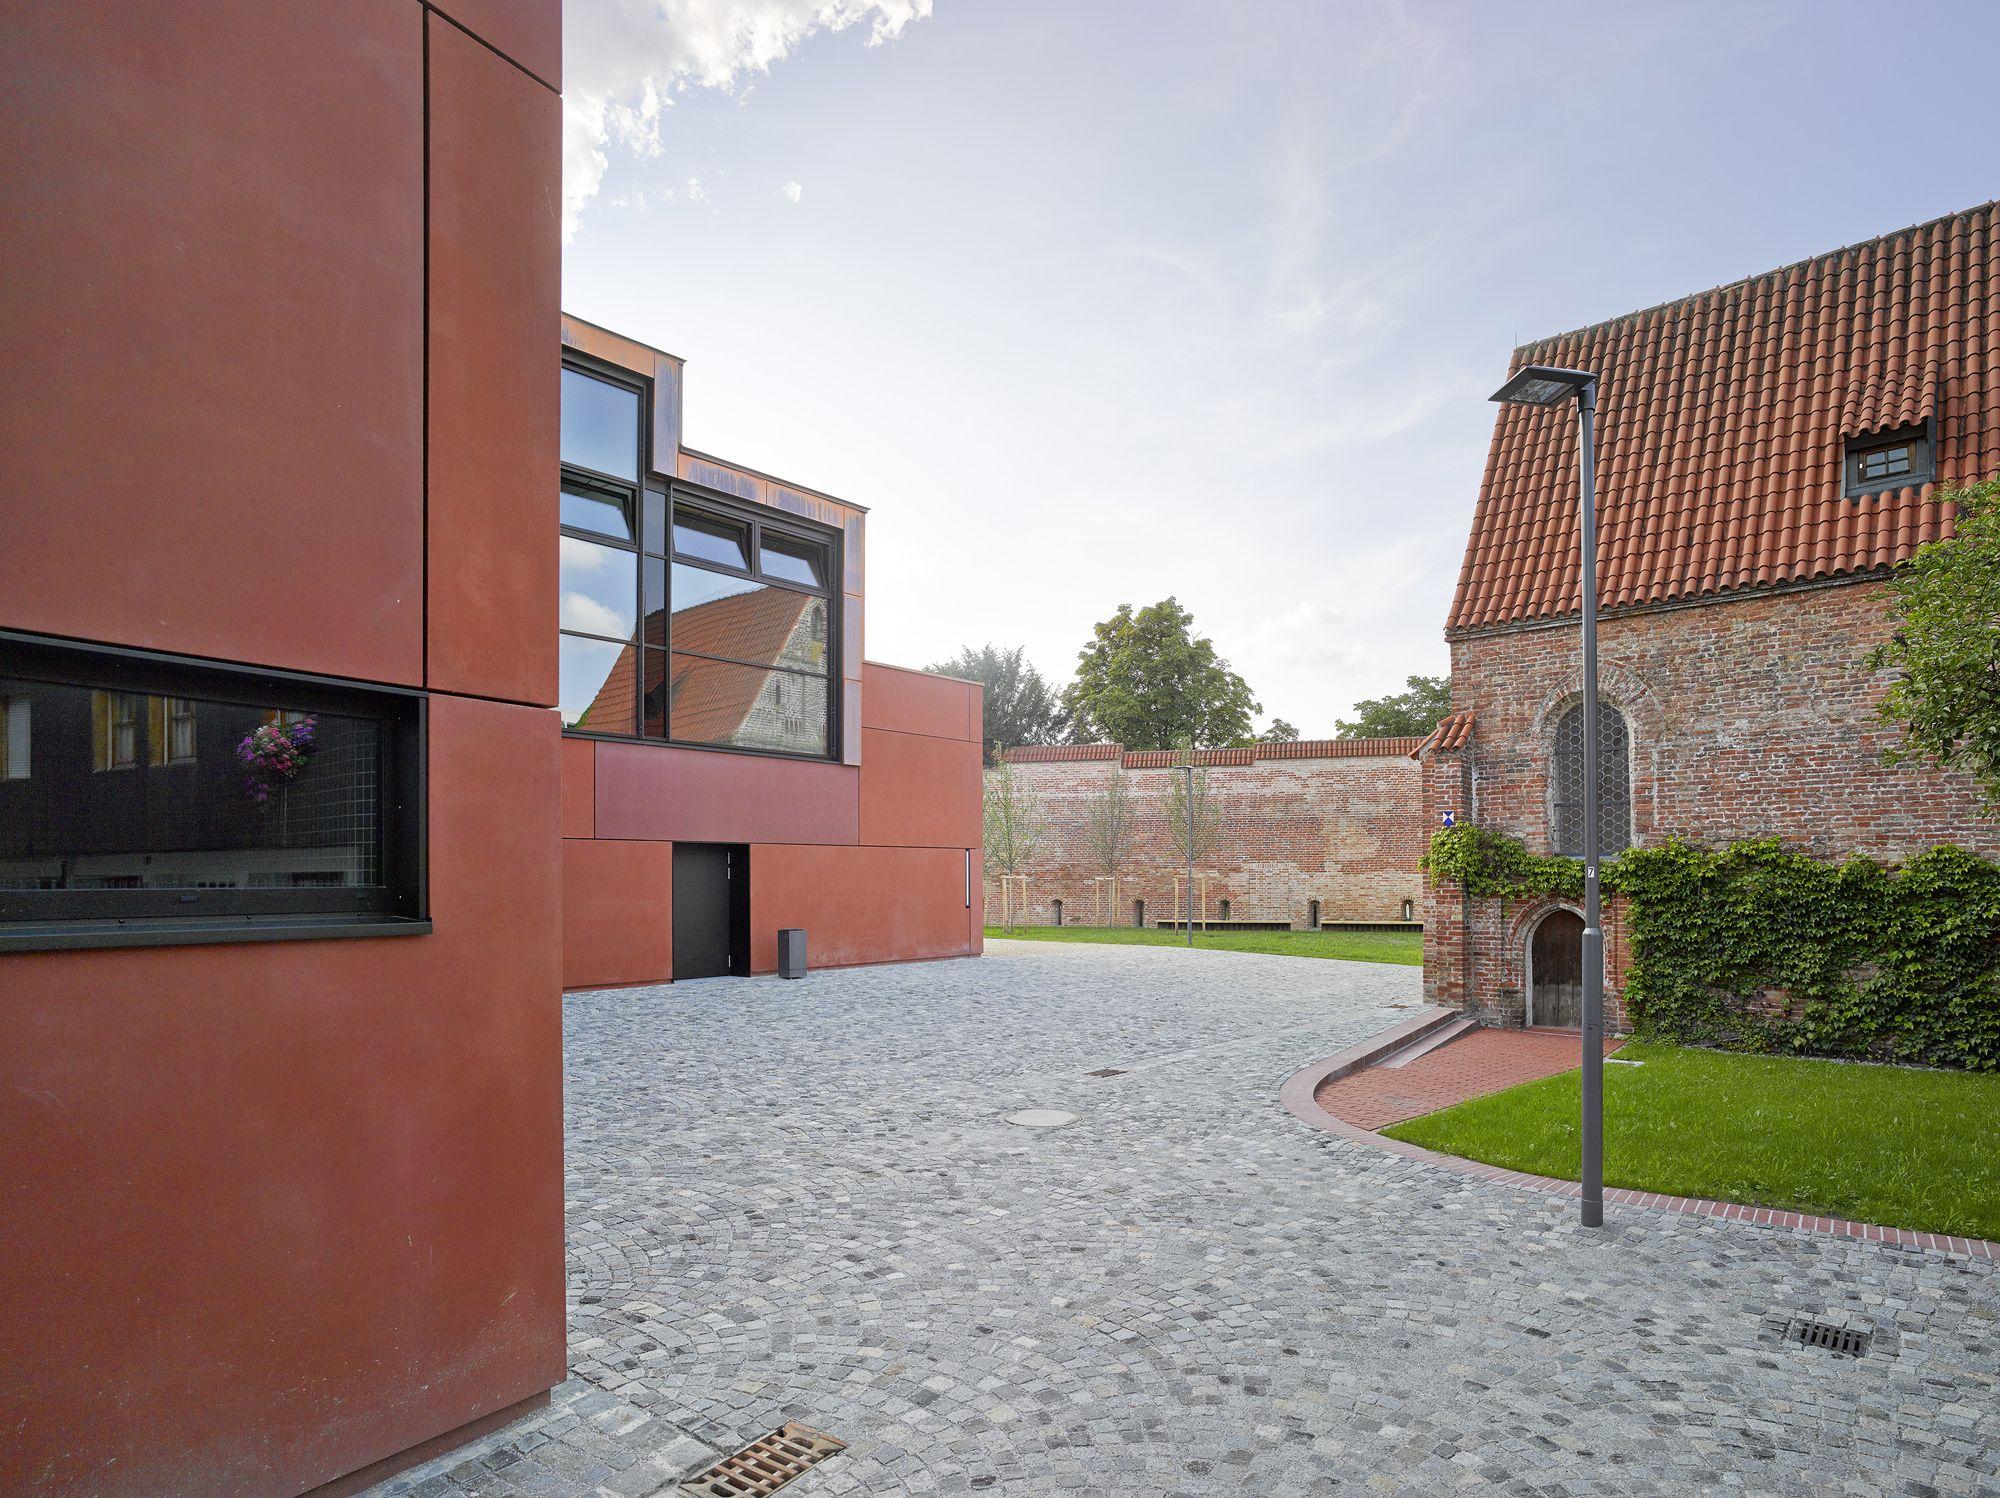 Architekten Landshut gymnasium in landshut by hirner riehl architekten hirner